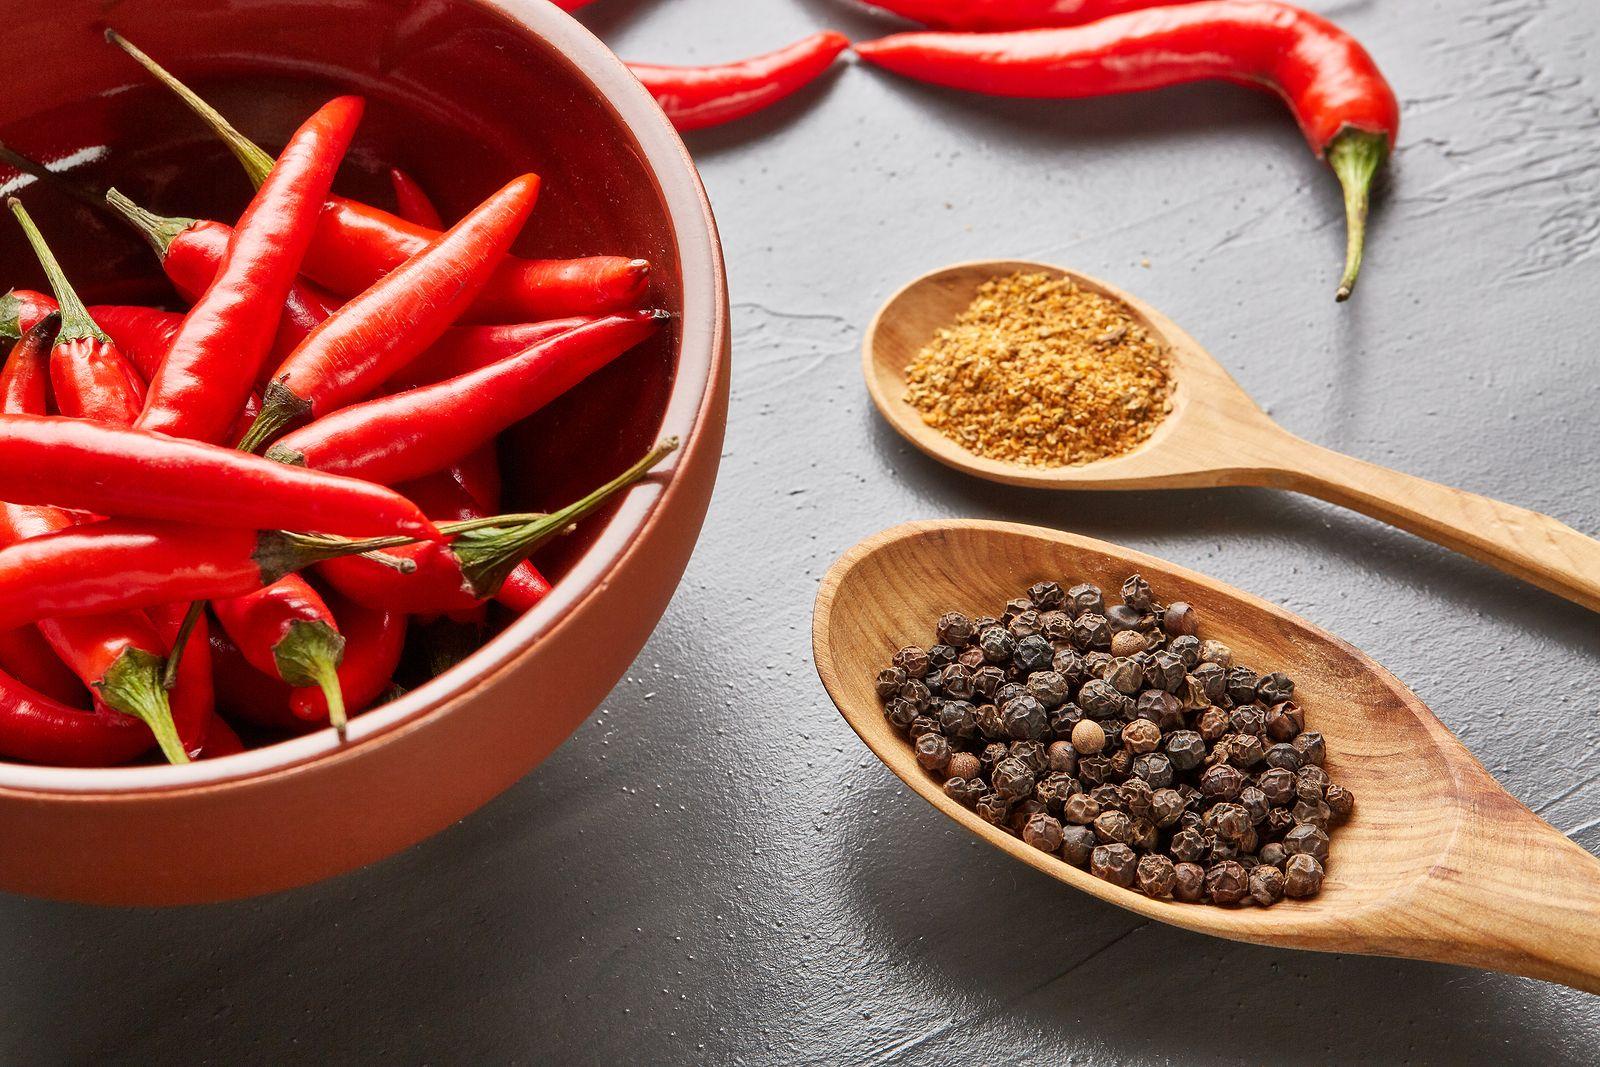 Conoce los beneficios de la comida picante para la salud